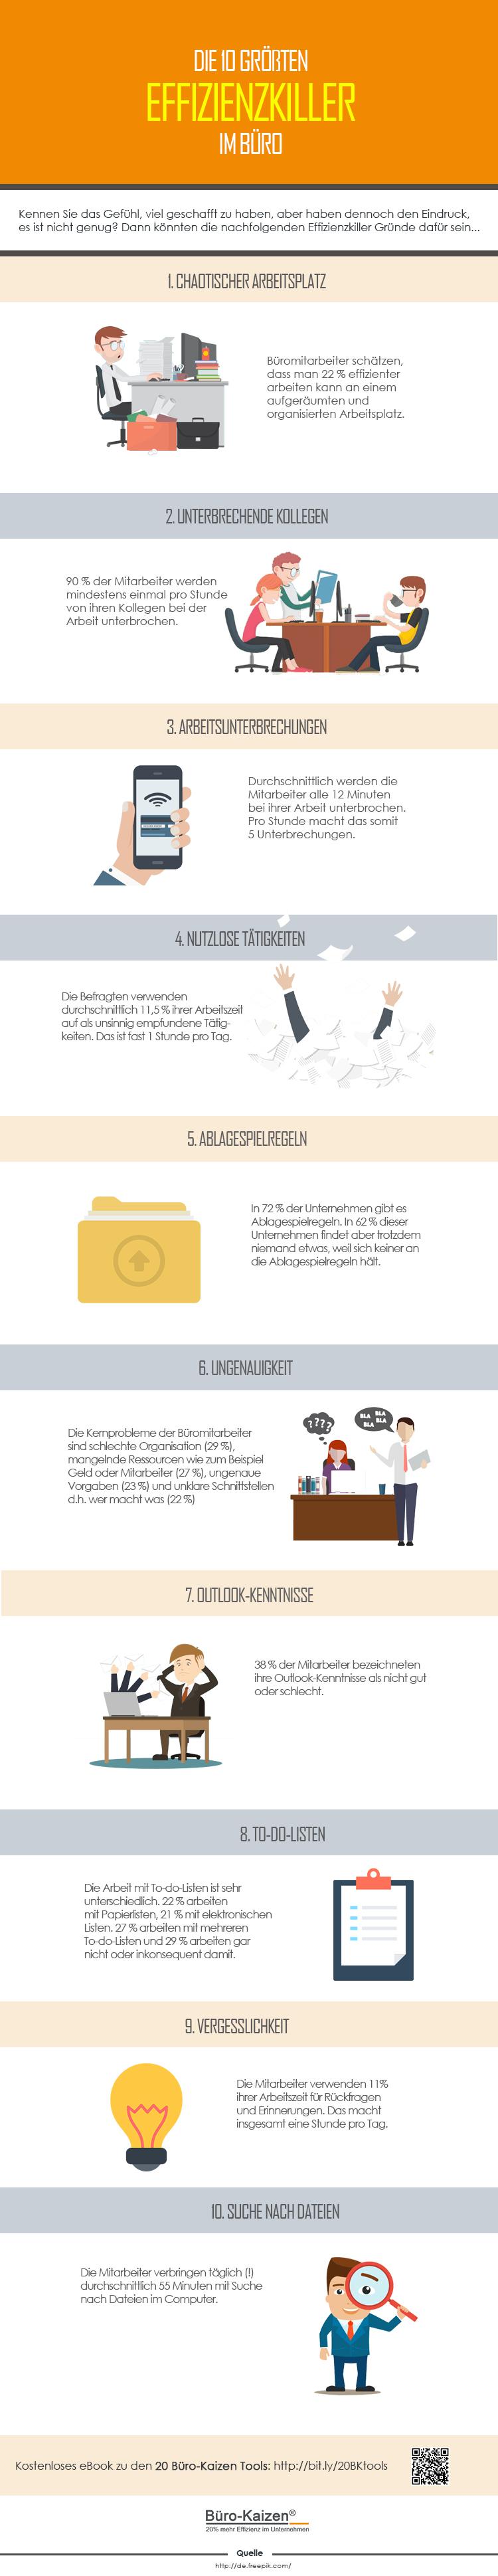 infografik-effizienzkiller